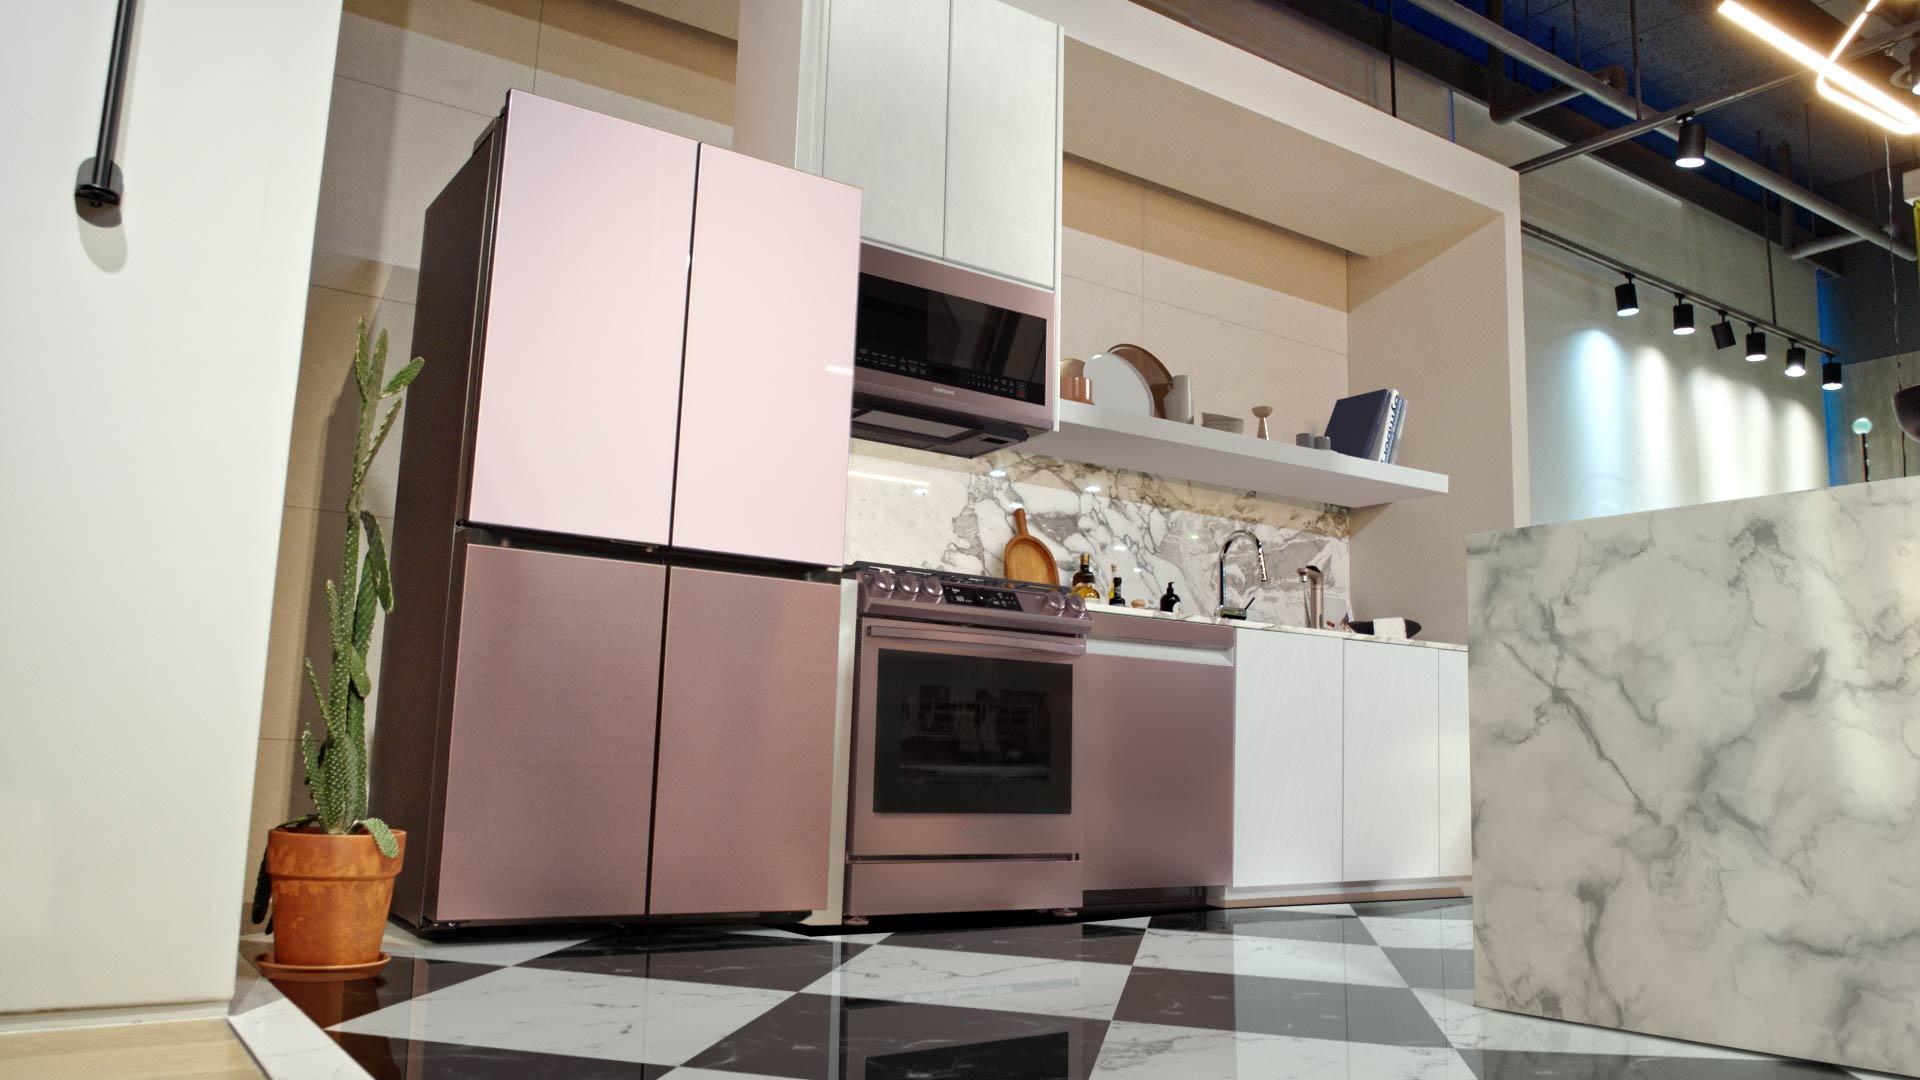 От холодильников до очистителей воздуха: что нового показал Samsung на Bespoke Home 2021